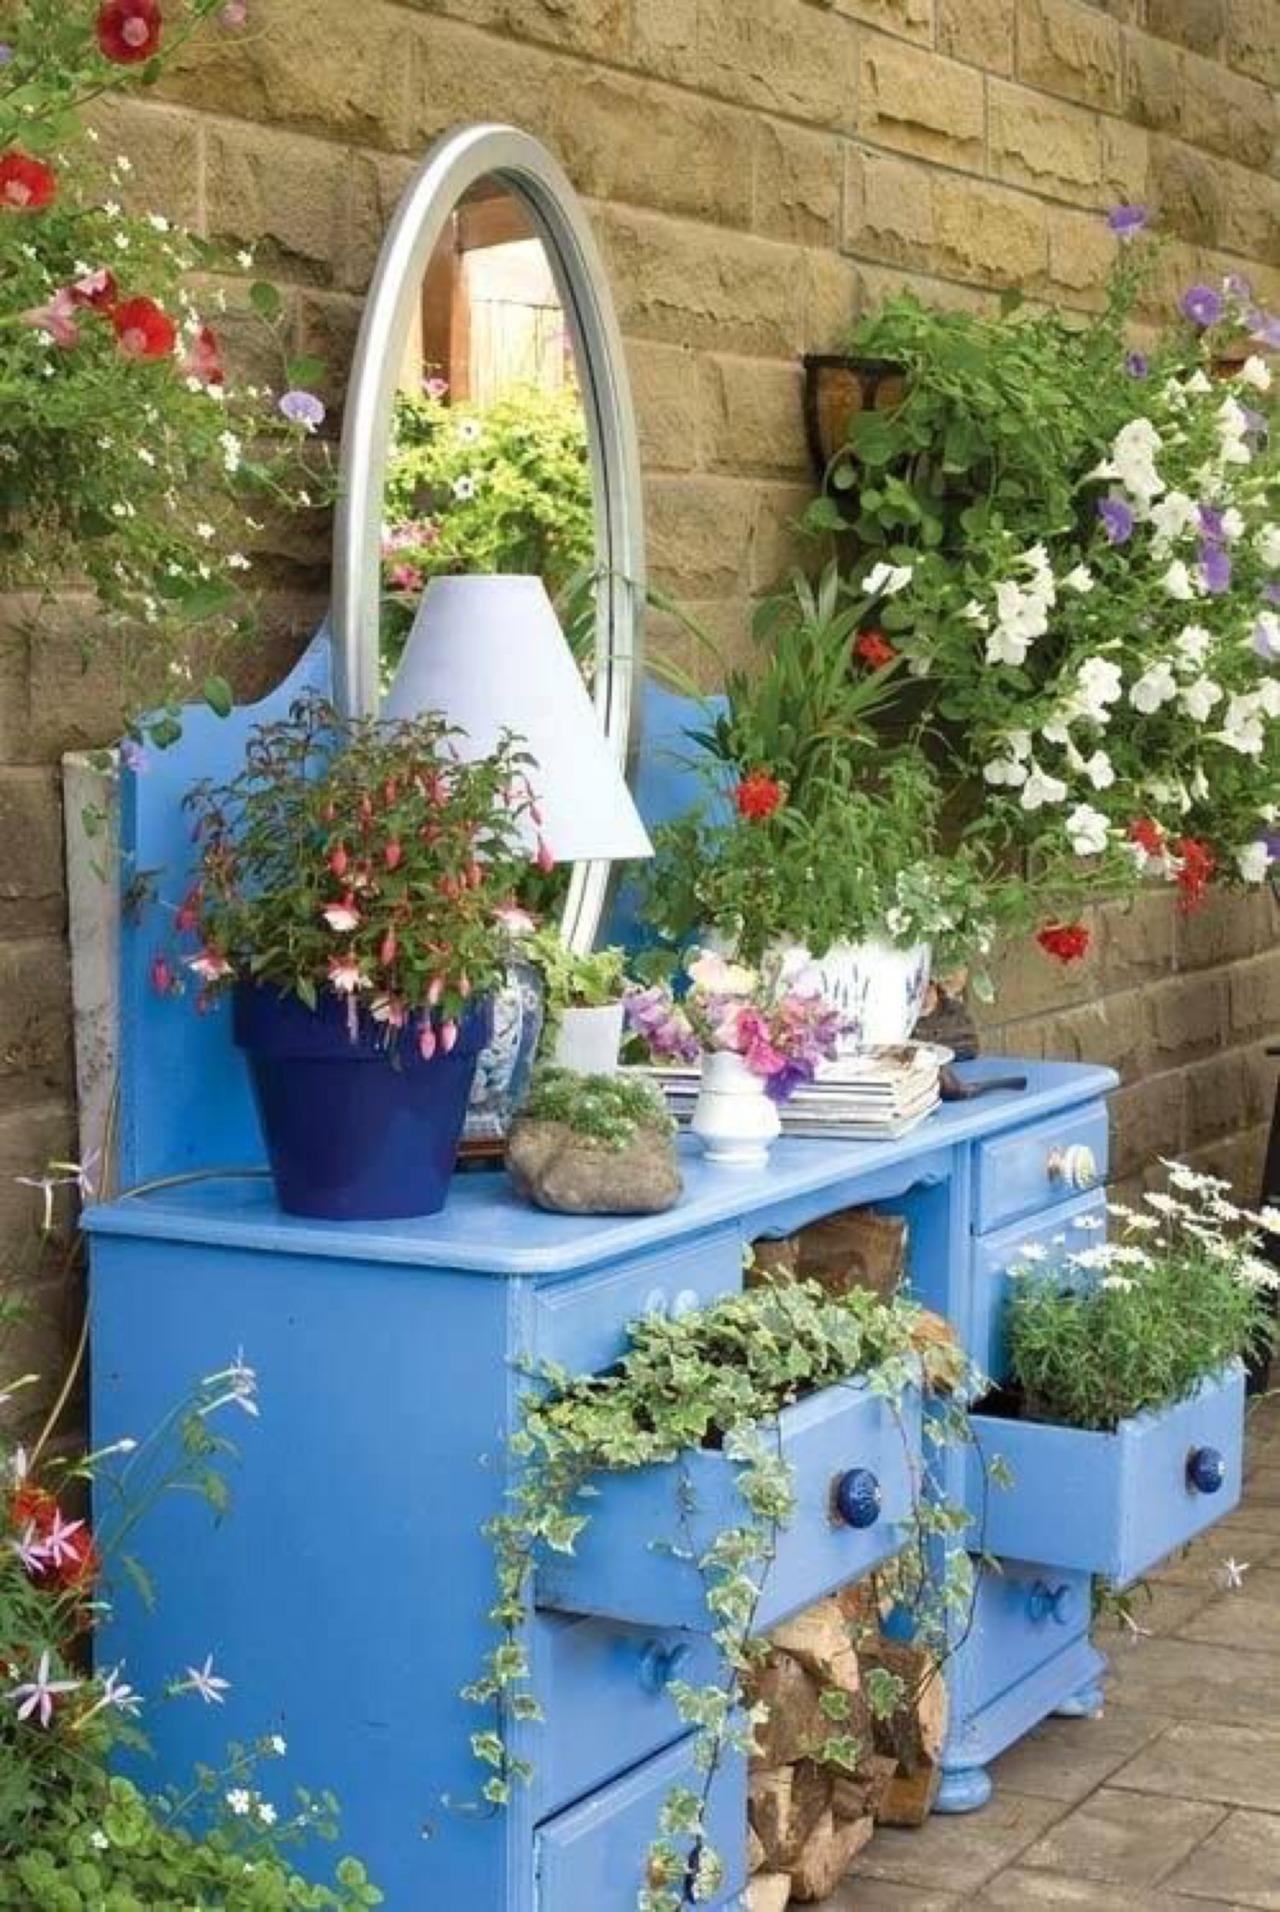 Tận dùng đồ cũ để trang trí khiến khu vườn của bạn trở nên sống động hơn bao giờ hết - Ảnh 7.